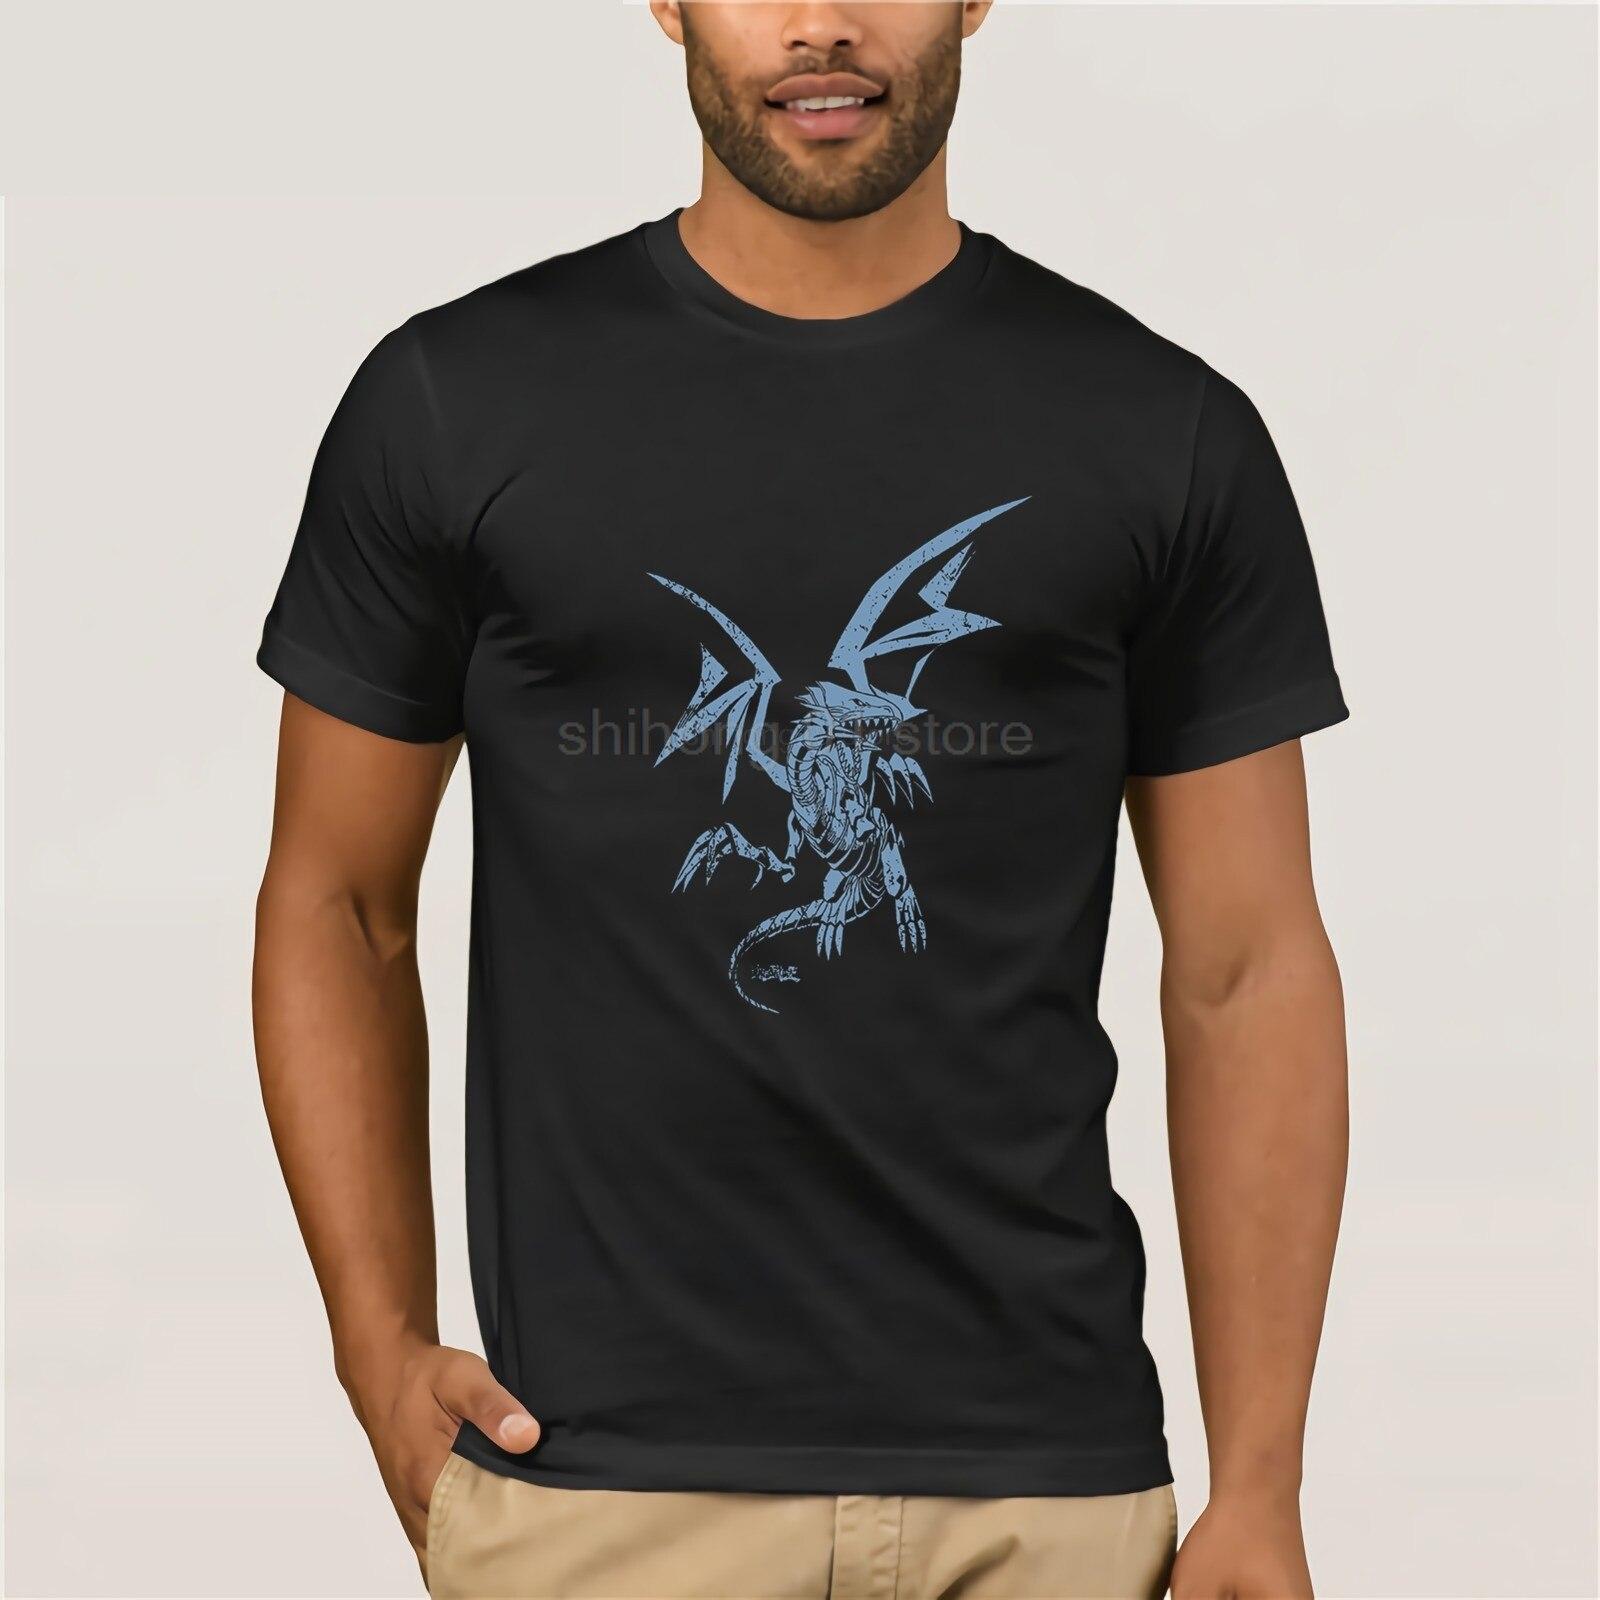 2019 Hot Koop 100% Katoen Yu-gi-oh! Mannen Blauwe Ogen Witte Draak T-shirt Tee Shirt Minder Duur